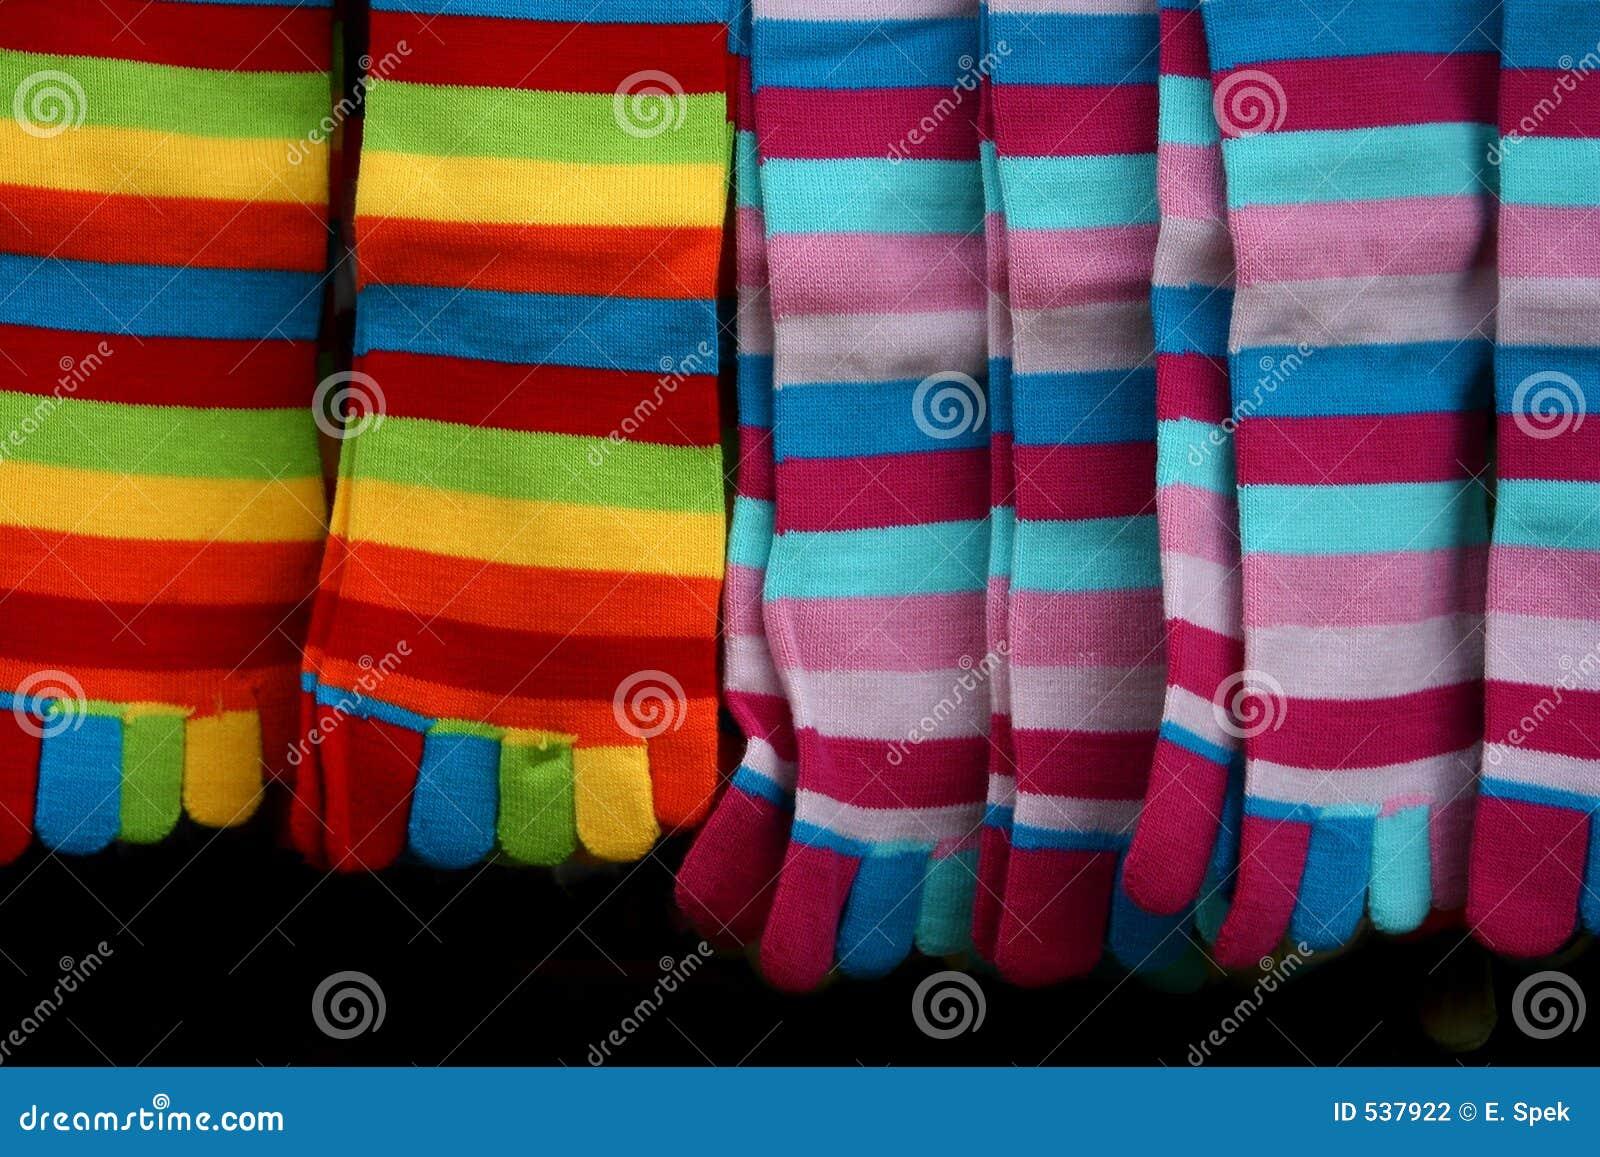 Paskować kolorowe skarpetki